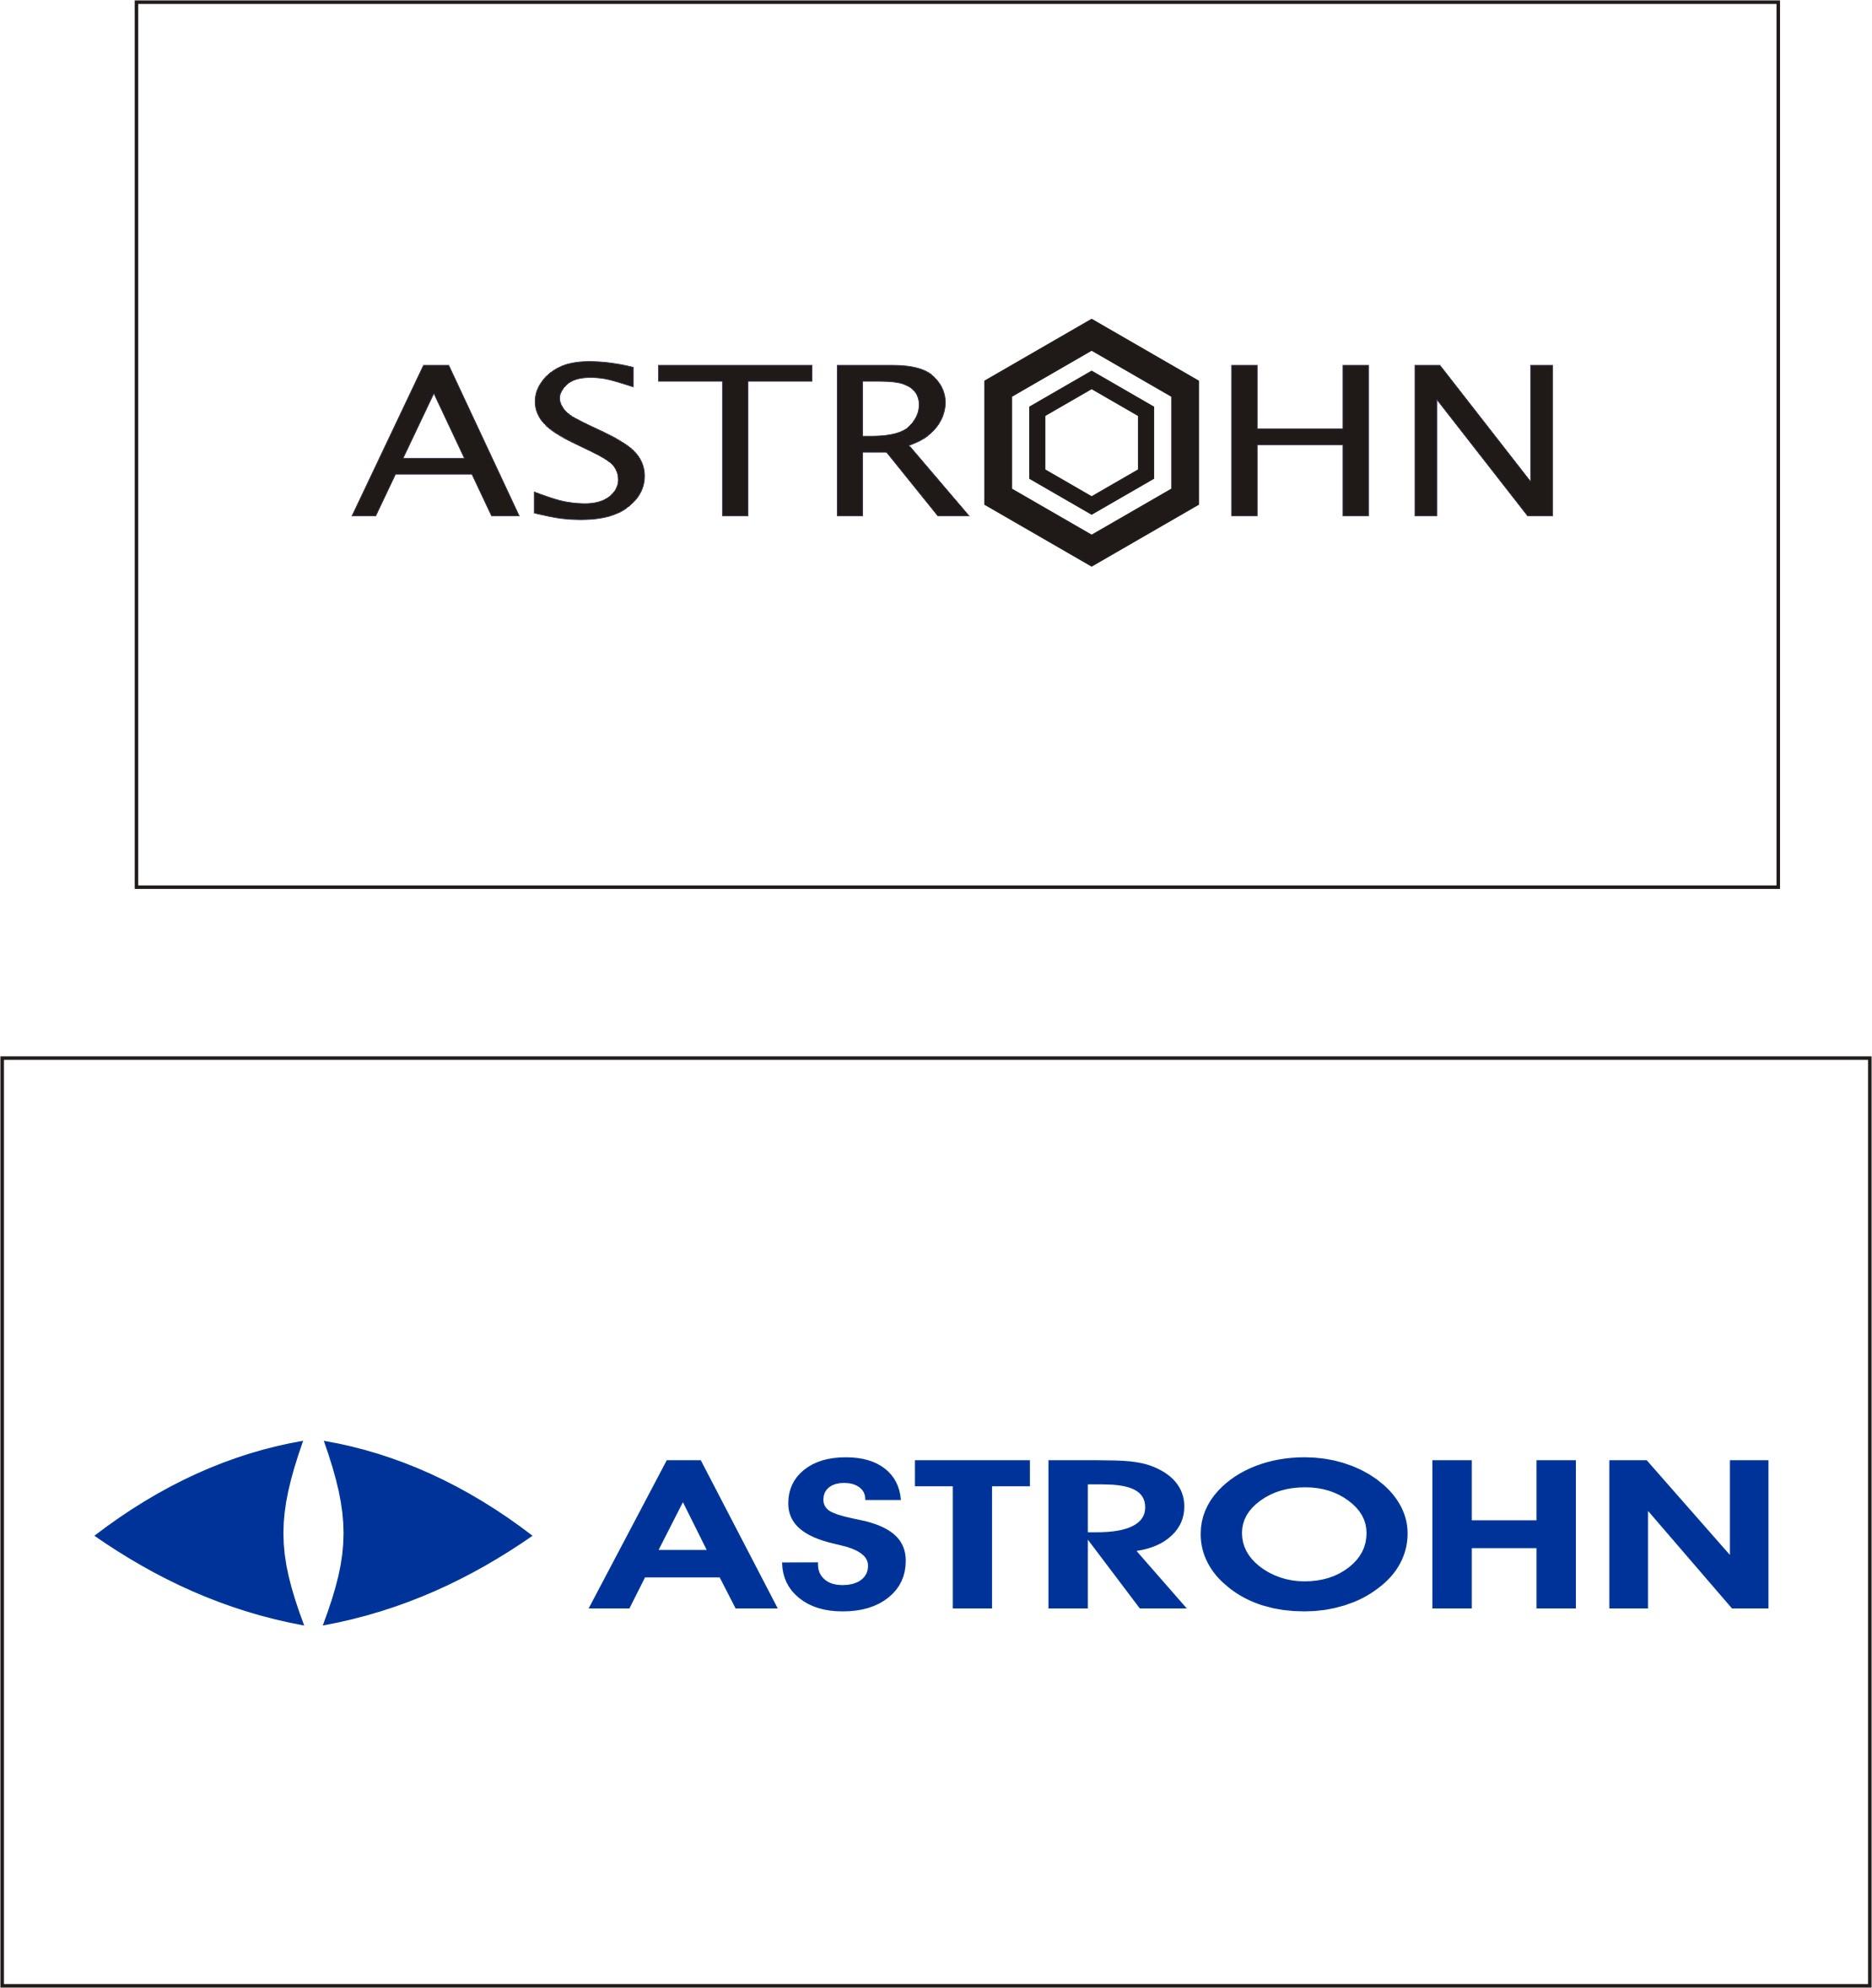 Товарный знак оптоэлектронного предприятия фото f_45953ff6745f0f15.jpg